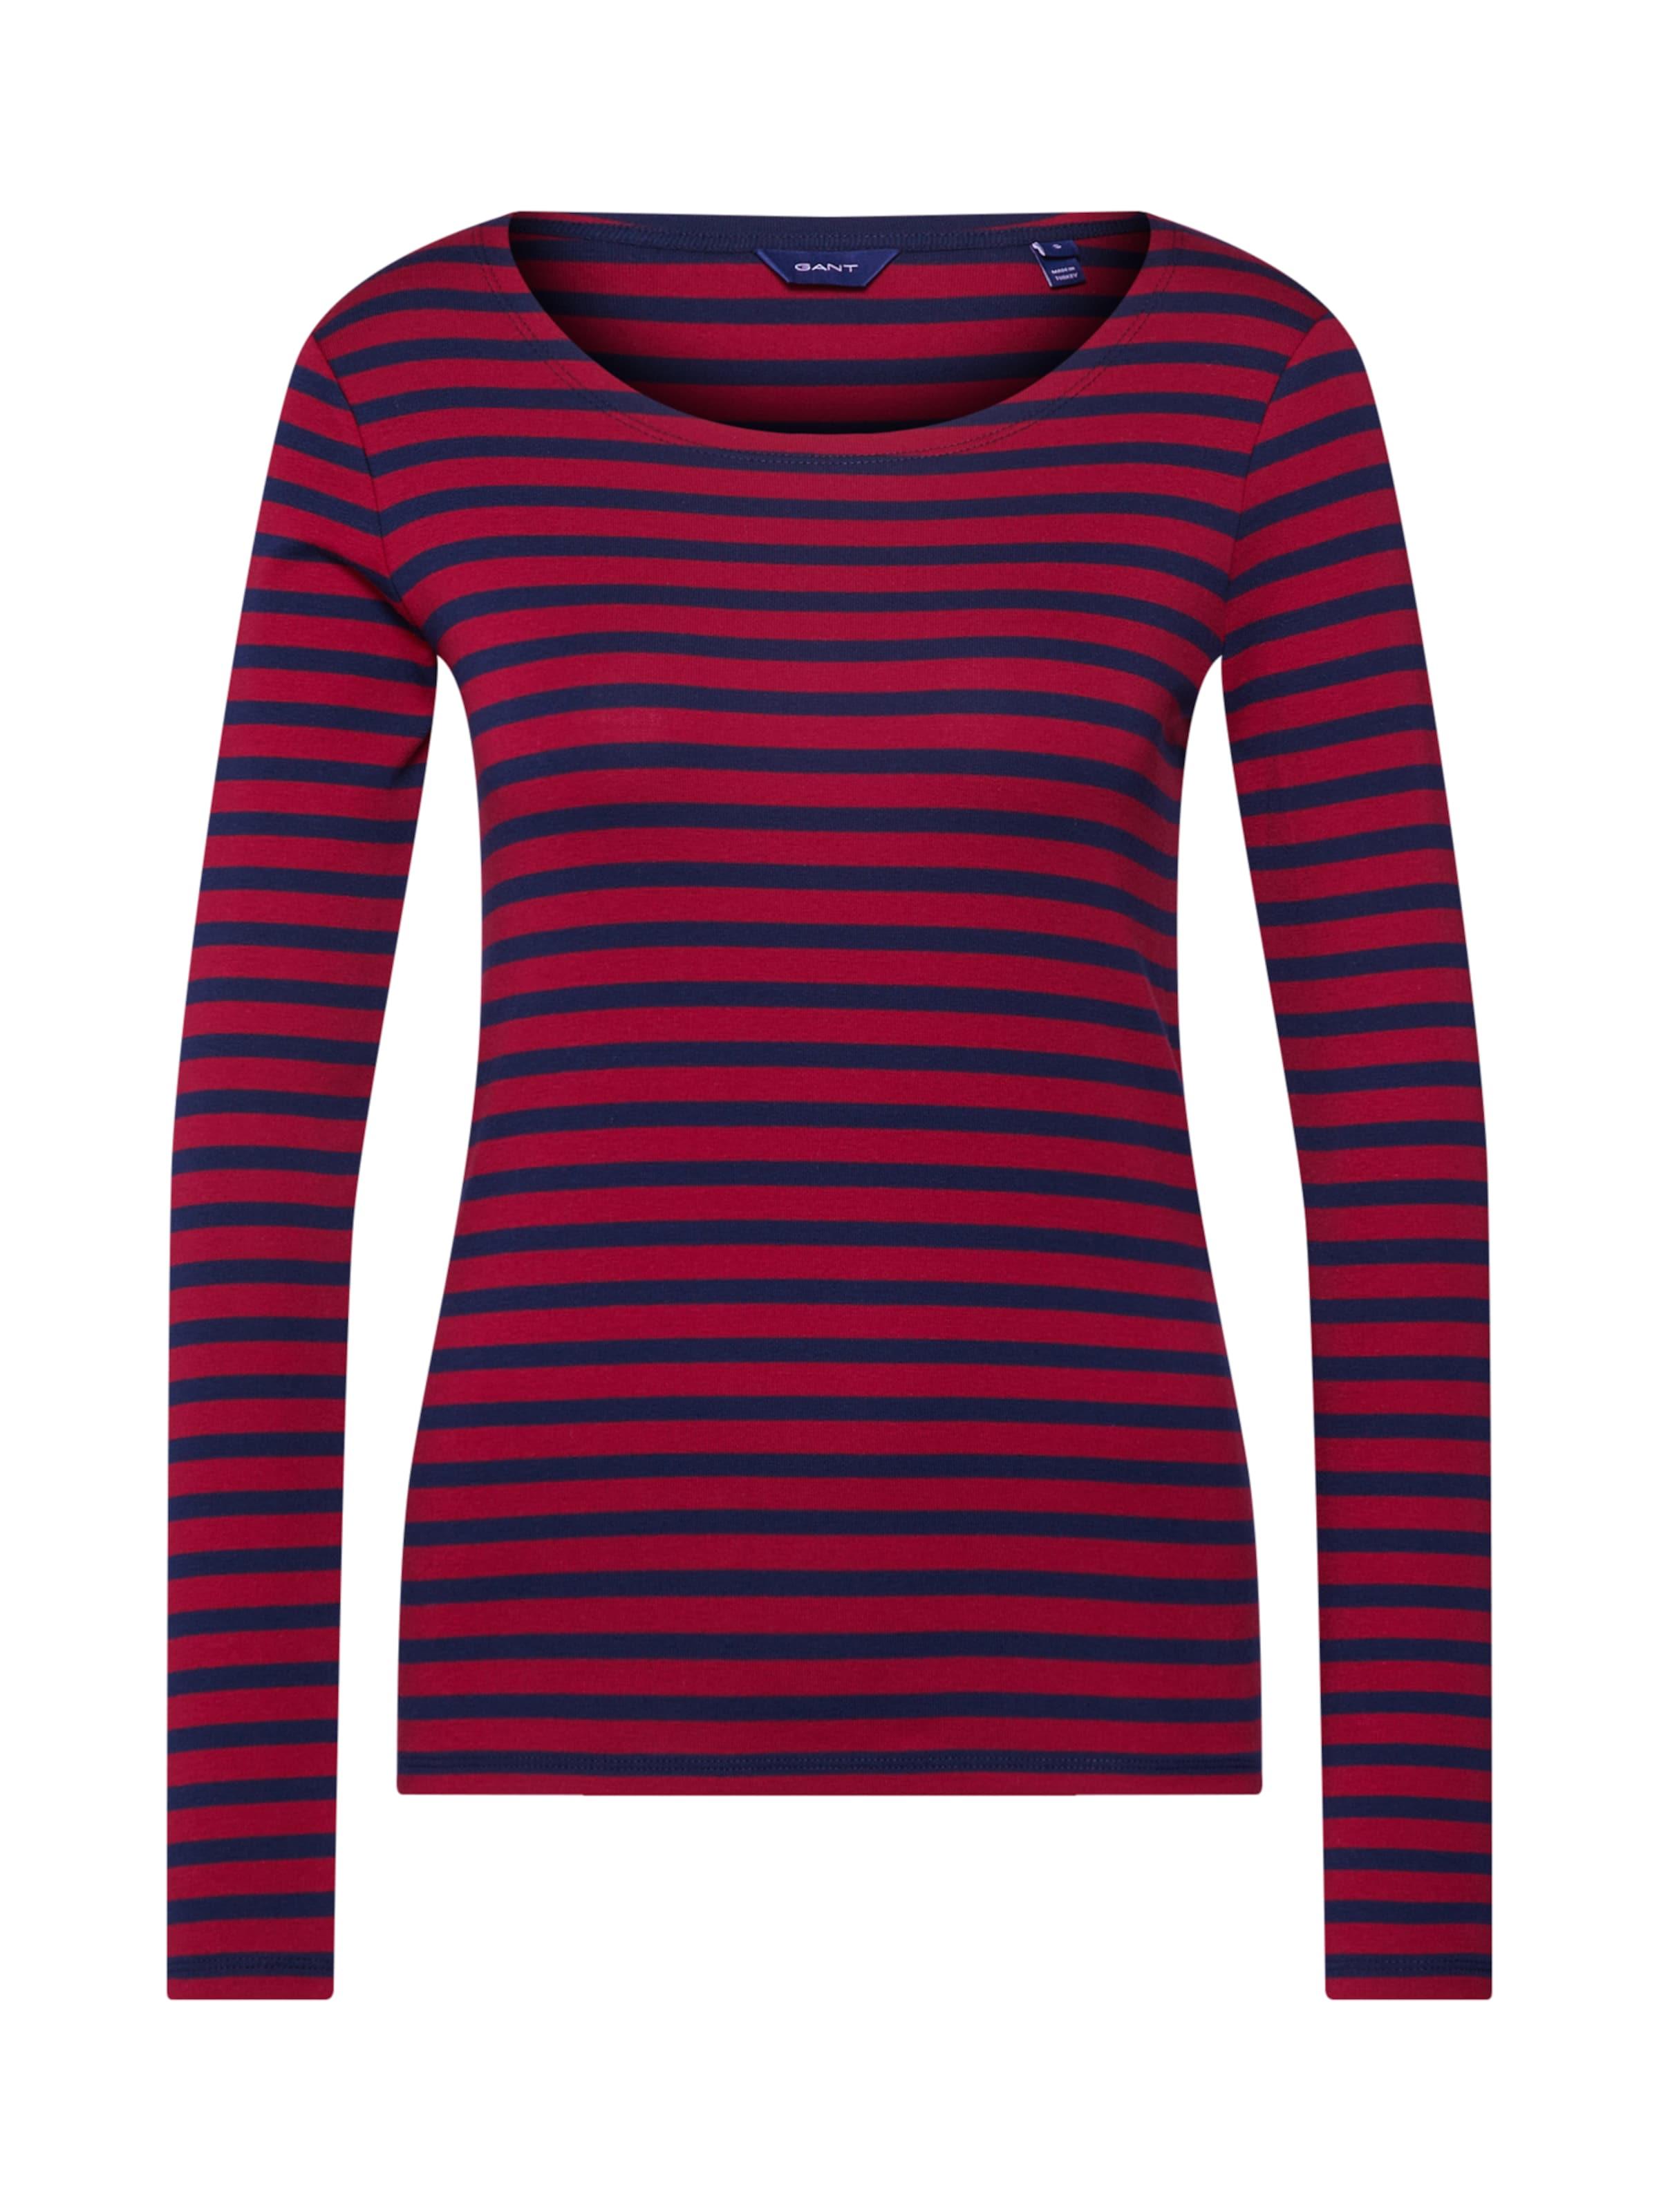 De kleding van Daphne Bunskoek bij 5 Uur Live | Style Like